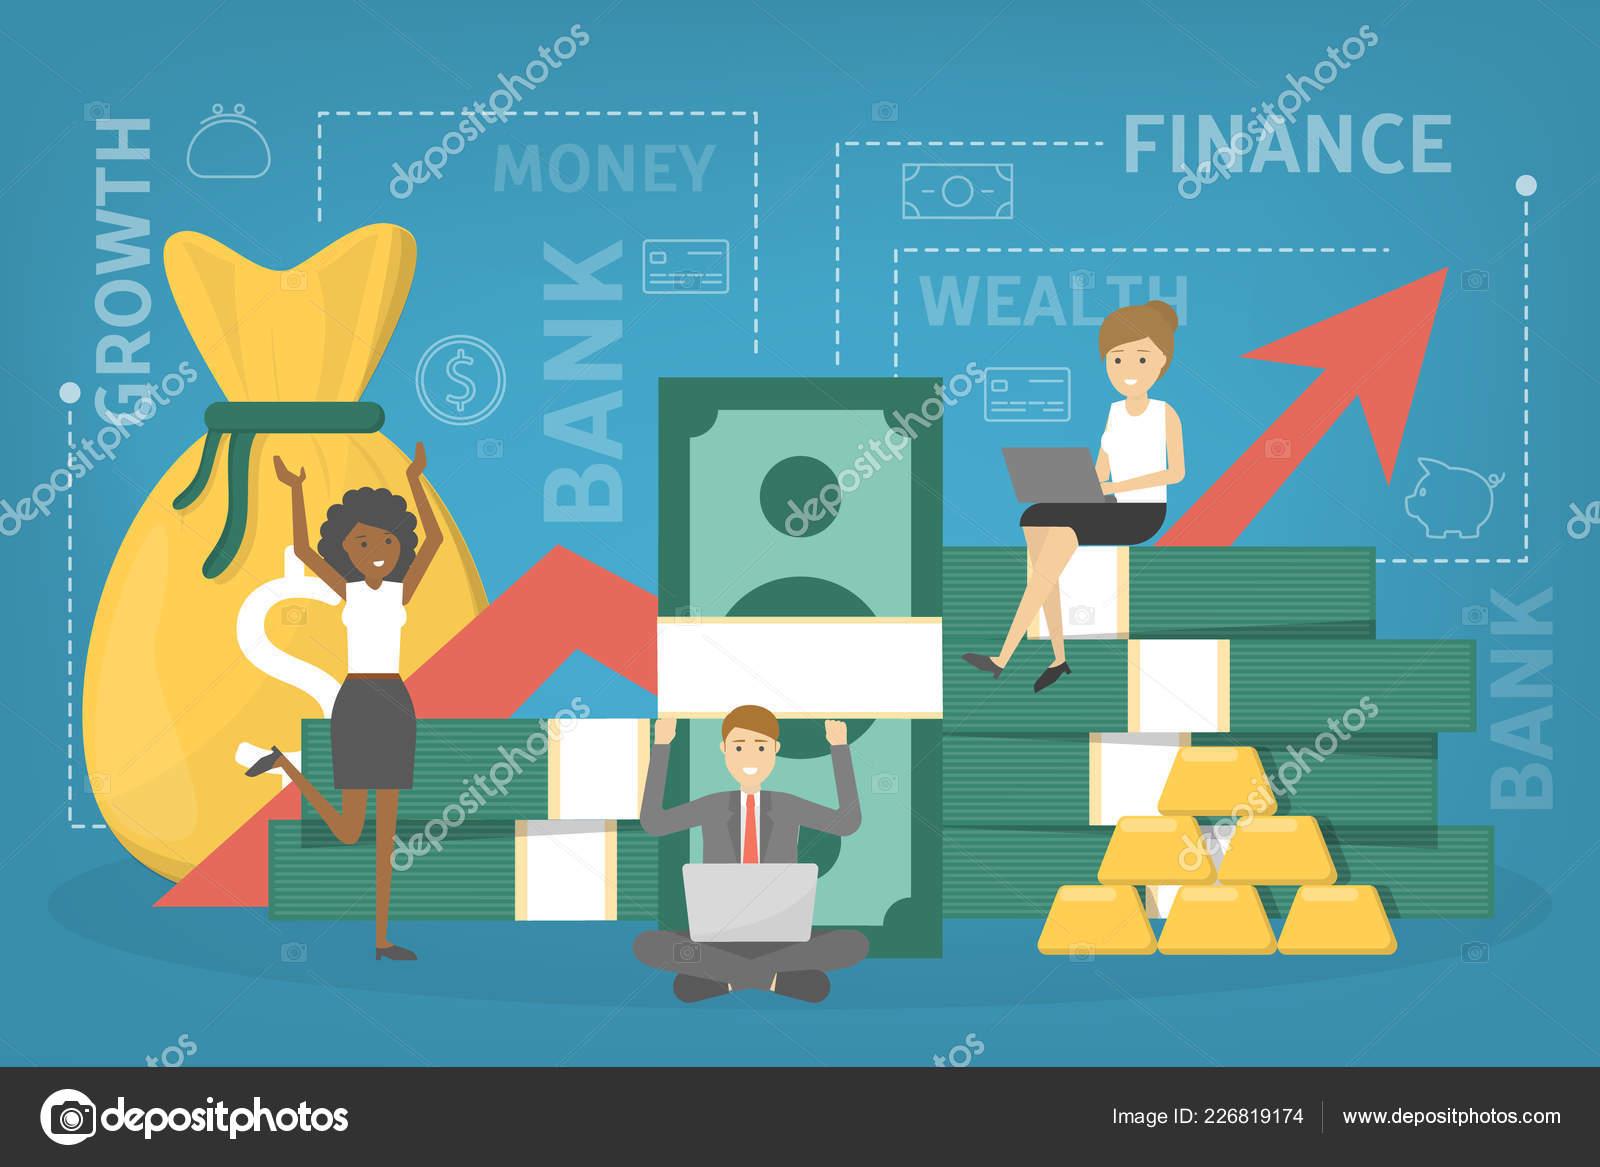 Идеи финансы бизнес идеи для бизнеса arduino